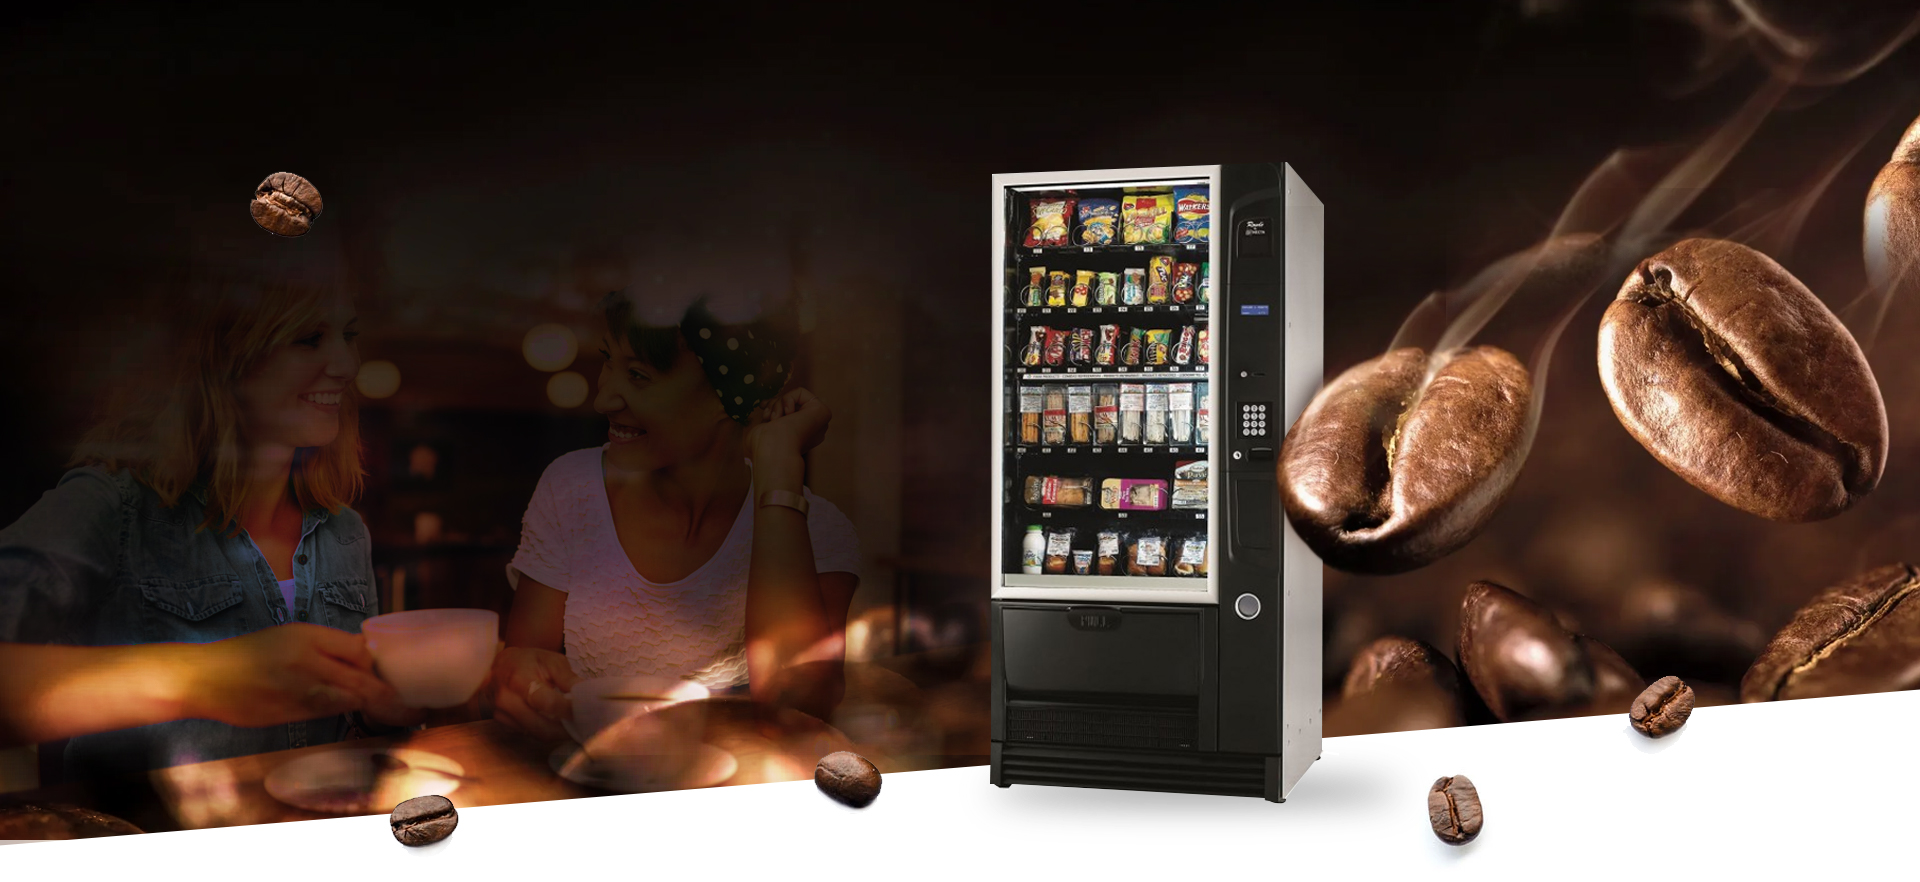 - Paketlenmiş yiyecek ve soğuk içecek- 48 farklı ürün verme özelliği- Para üstü verme özelliği